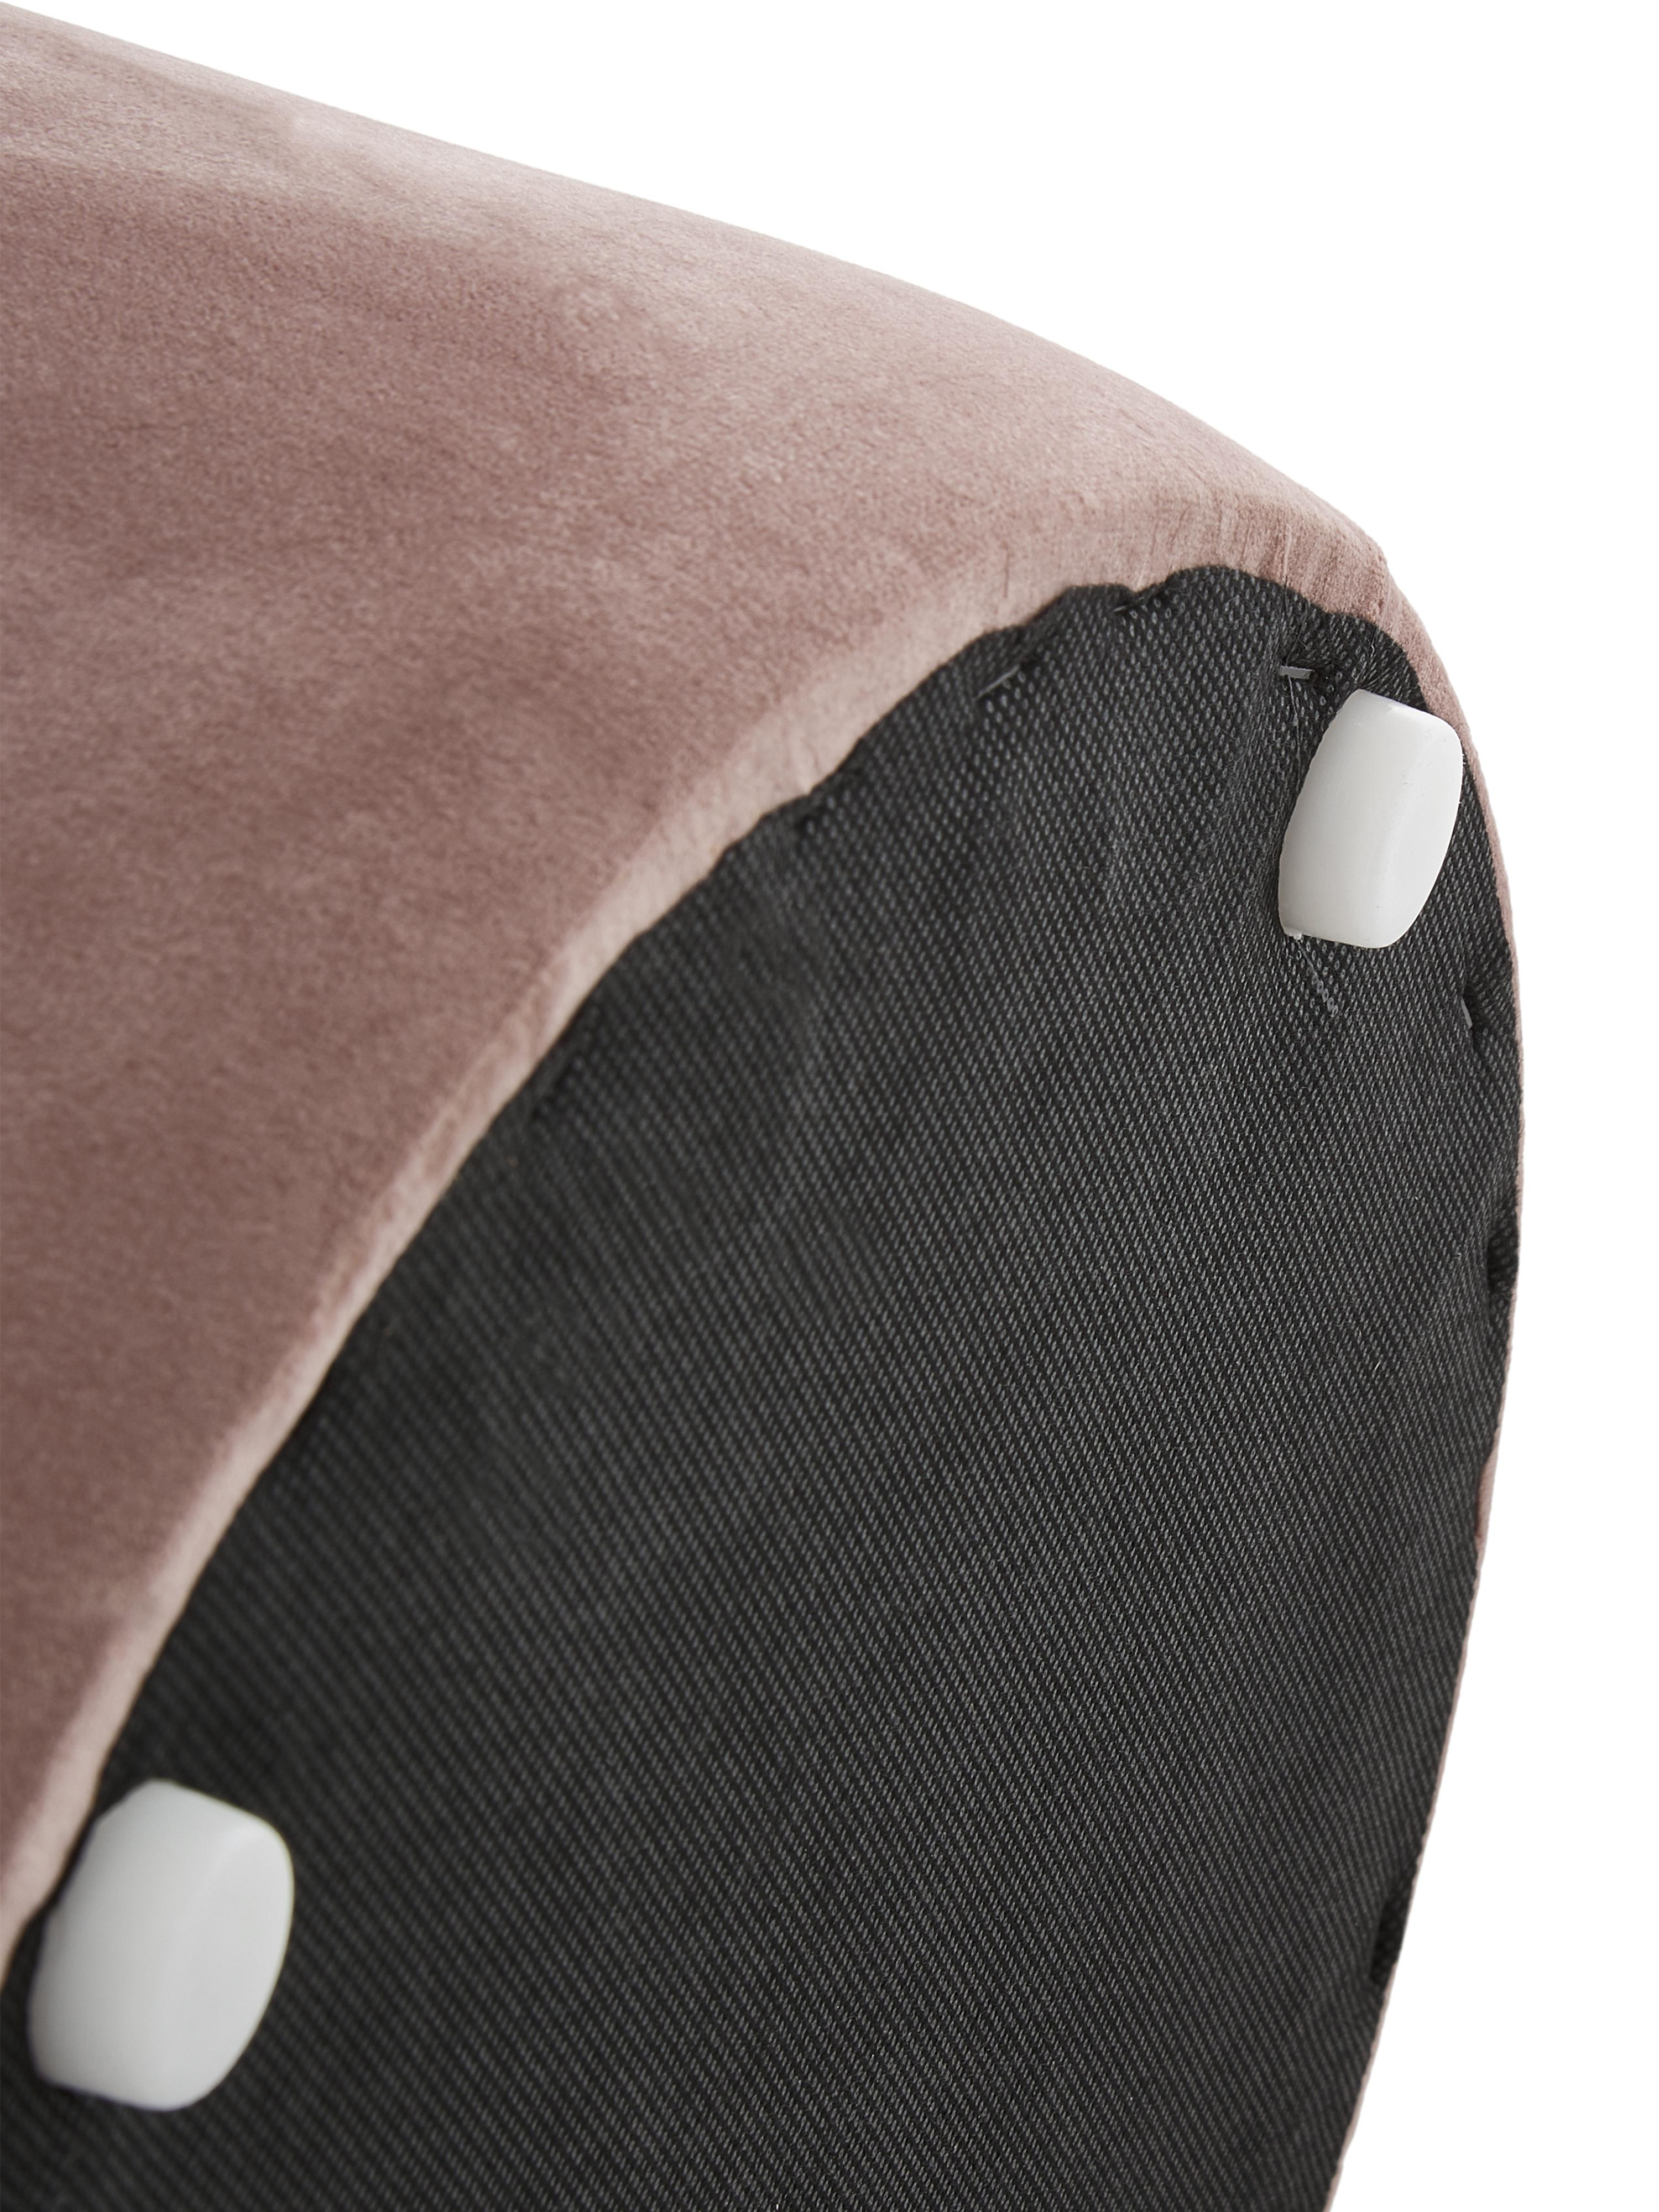 Puf z aksamitu Daisy, Tapicerka: aksamit (poliester), Tapicerka: pianka, 28 kg/m³, Aksamitny blady różowy, Ø 40 x W 46 cm